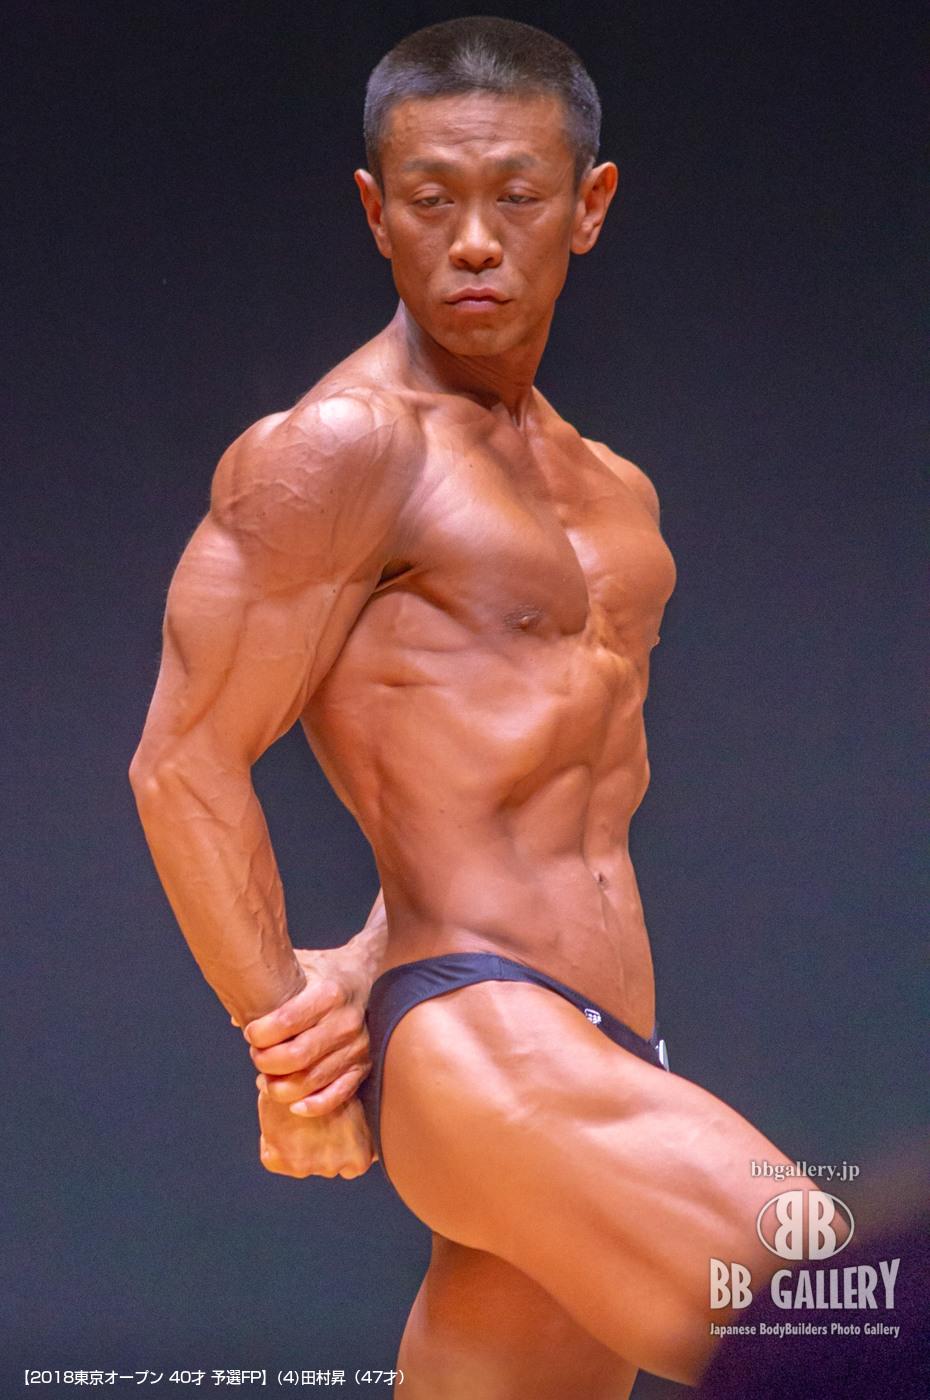 【2018東京オープン 40才 予選FP】(4)田村昇(47才)